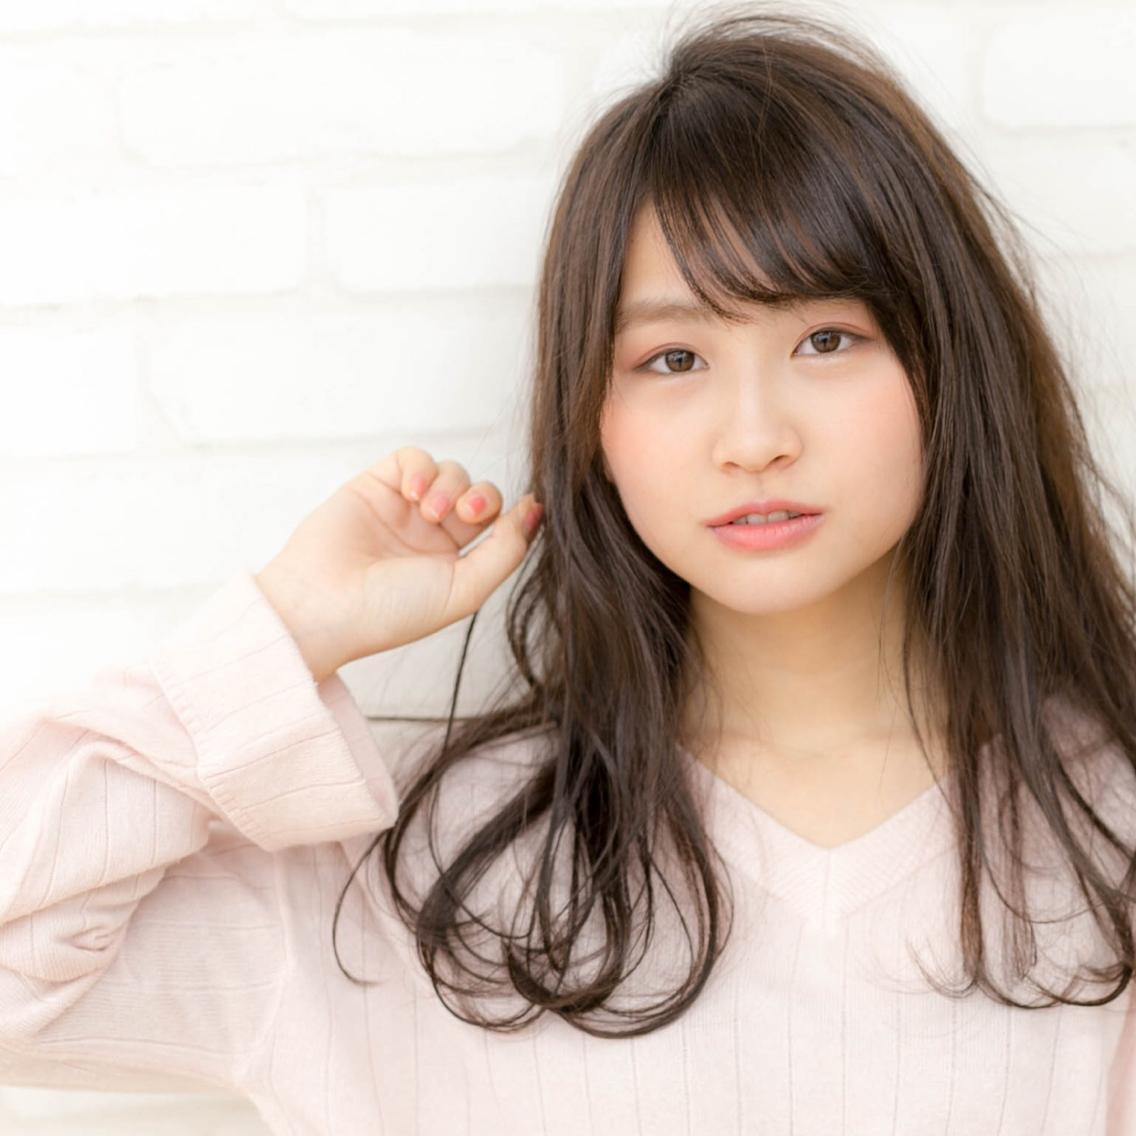 【無料】3/5日✨セミナーのパーマモデル✨美容歴20年オーナーが担当します!会場赤羽橋